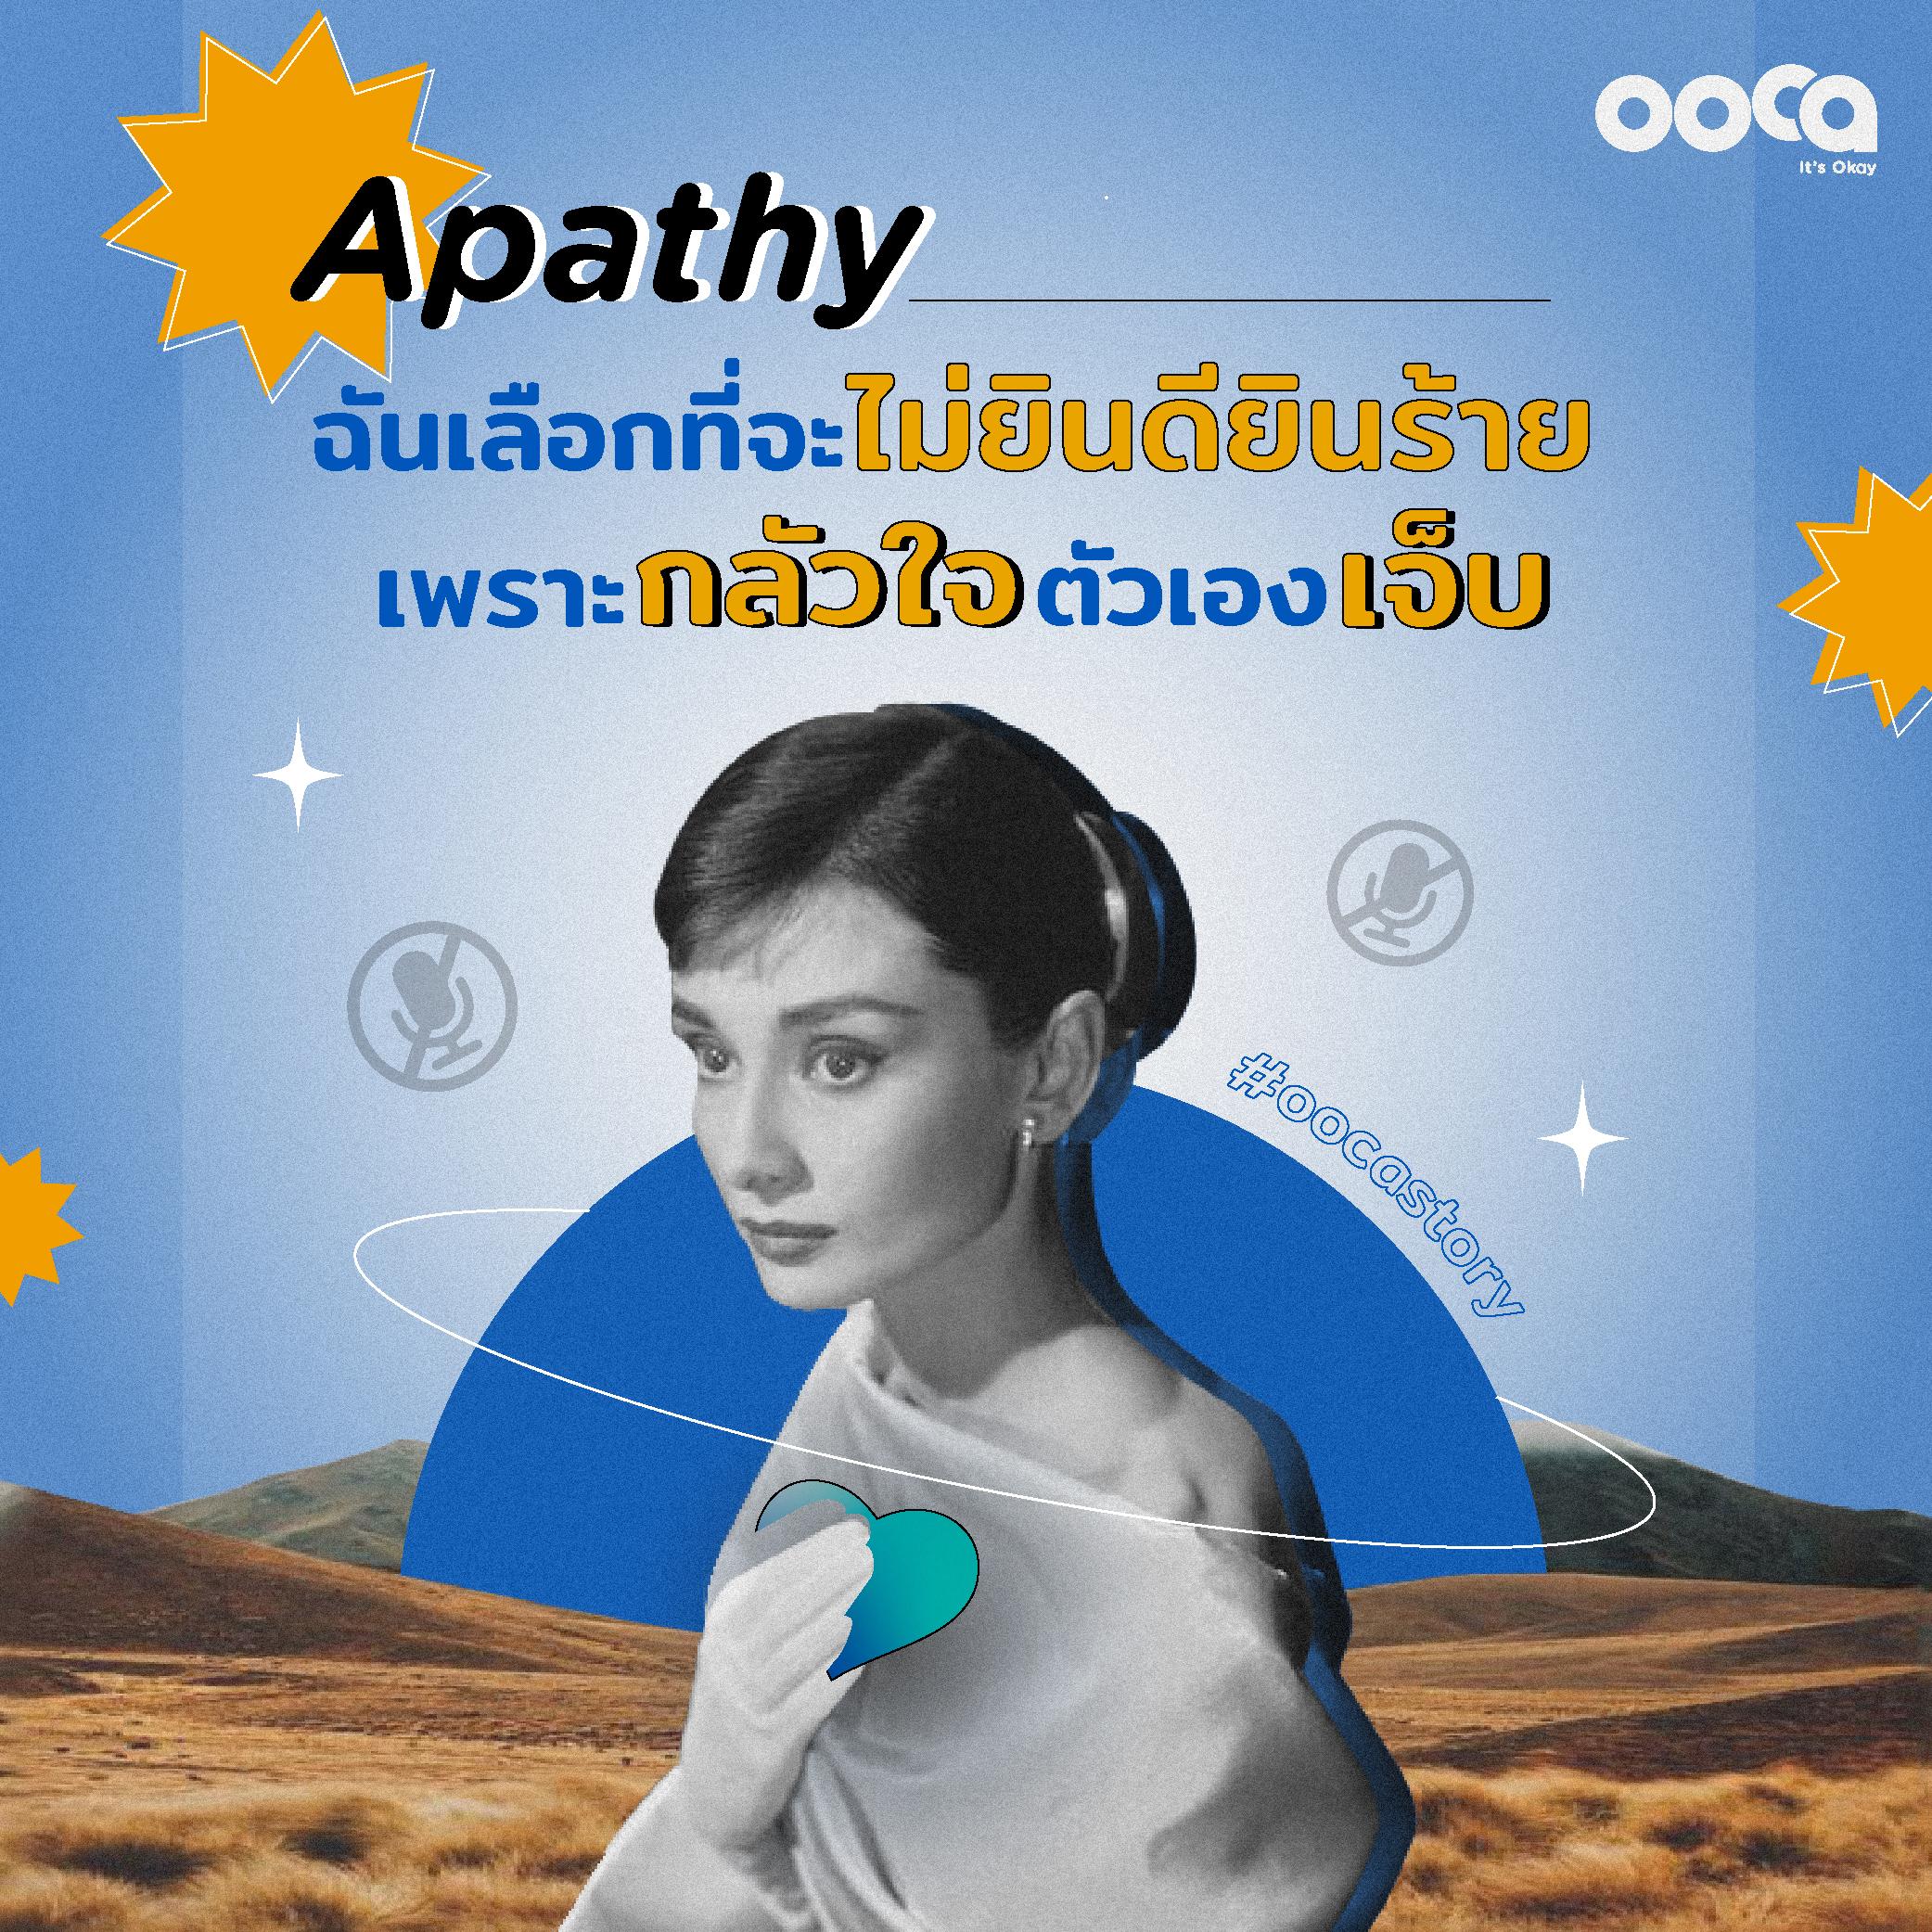 เครียด ซึมเศร้า พบจิตแพทย์ Apathy ไม่แสดงความรู้สึก